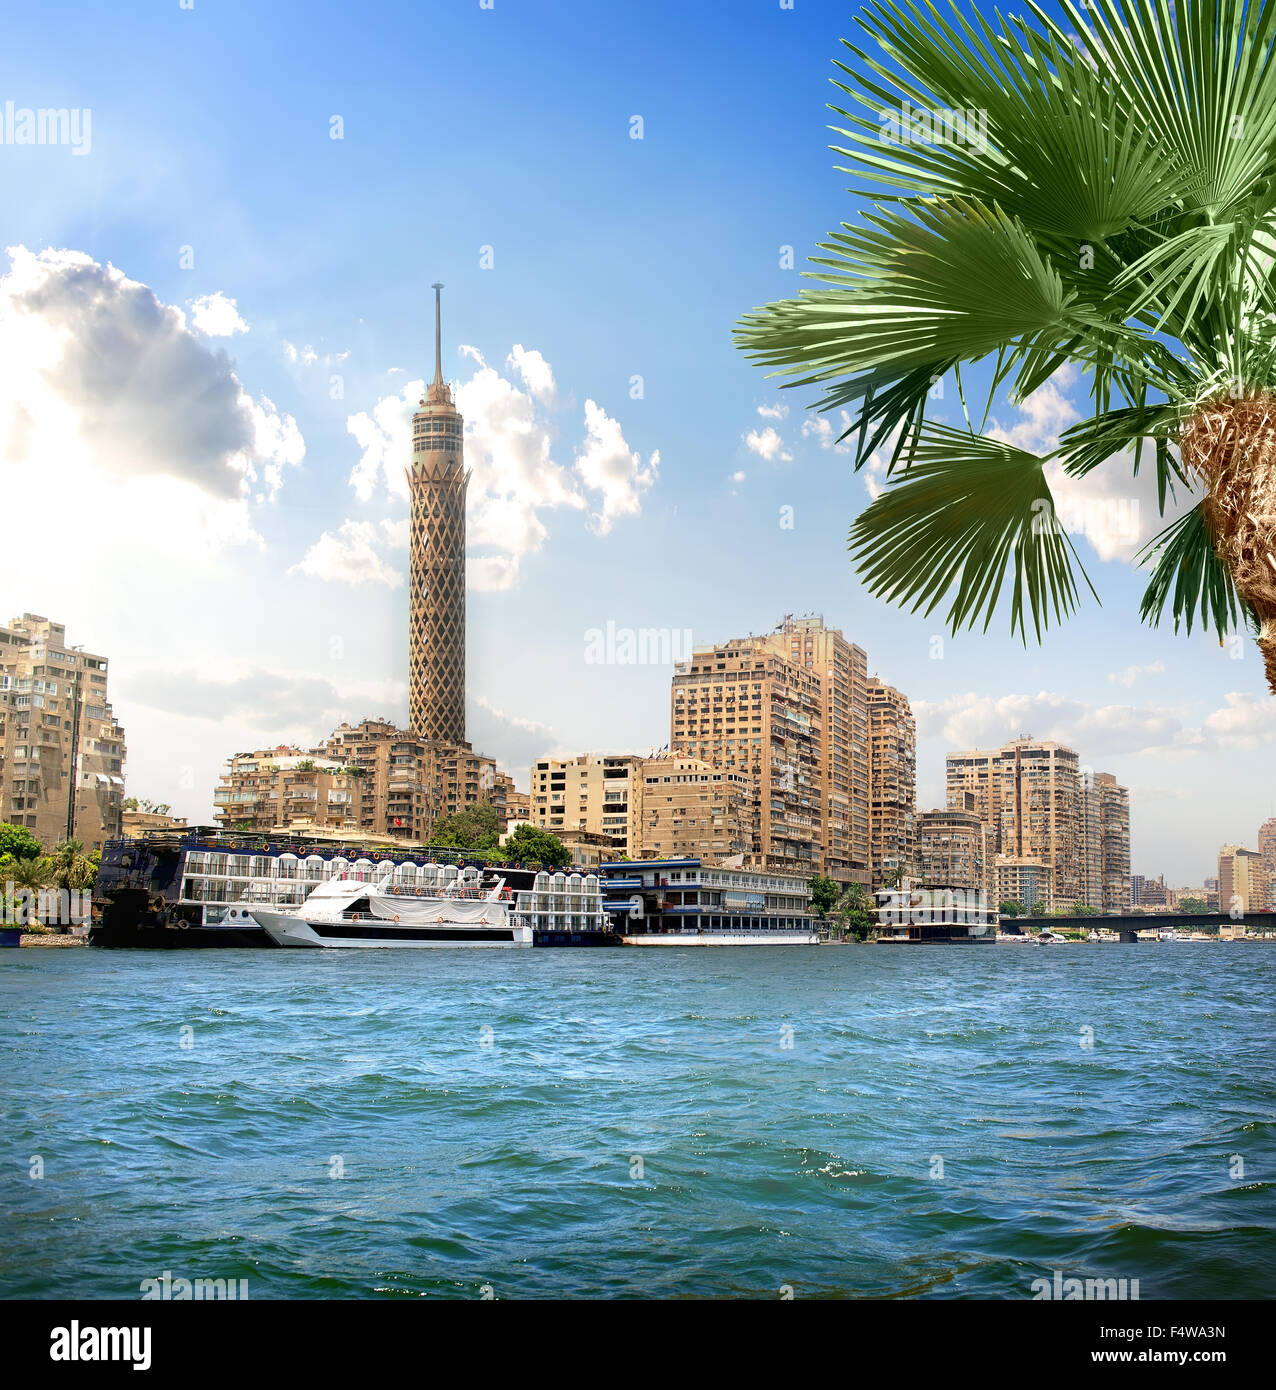 La tour de télévision près de Nil au Caire à la lumière du soleil Photo Stock